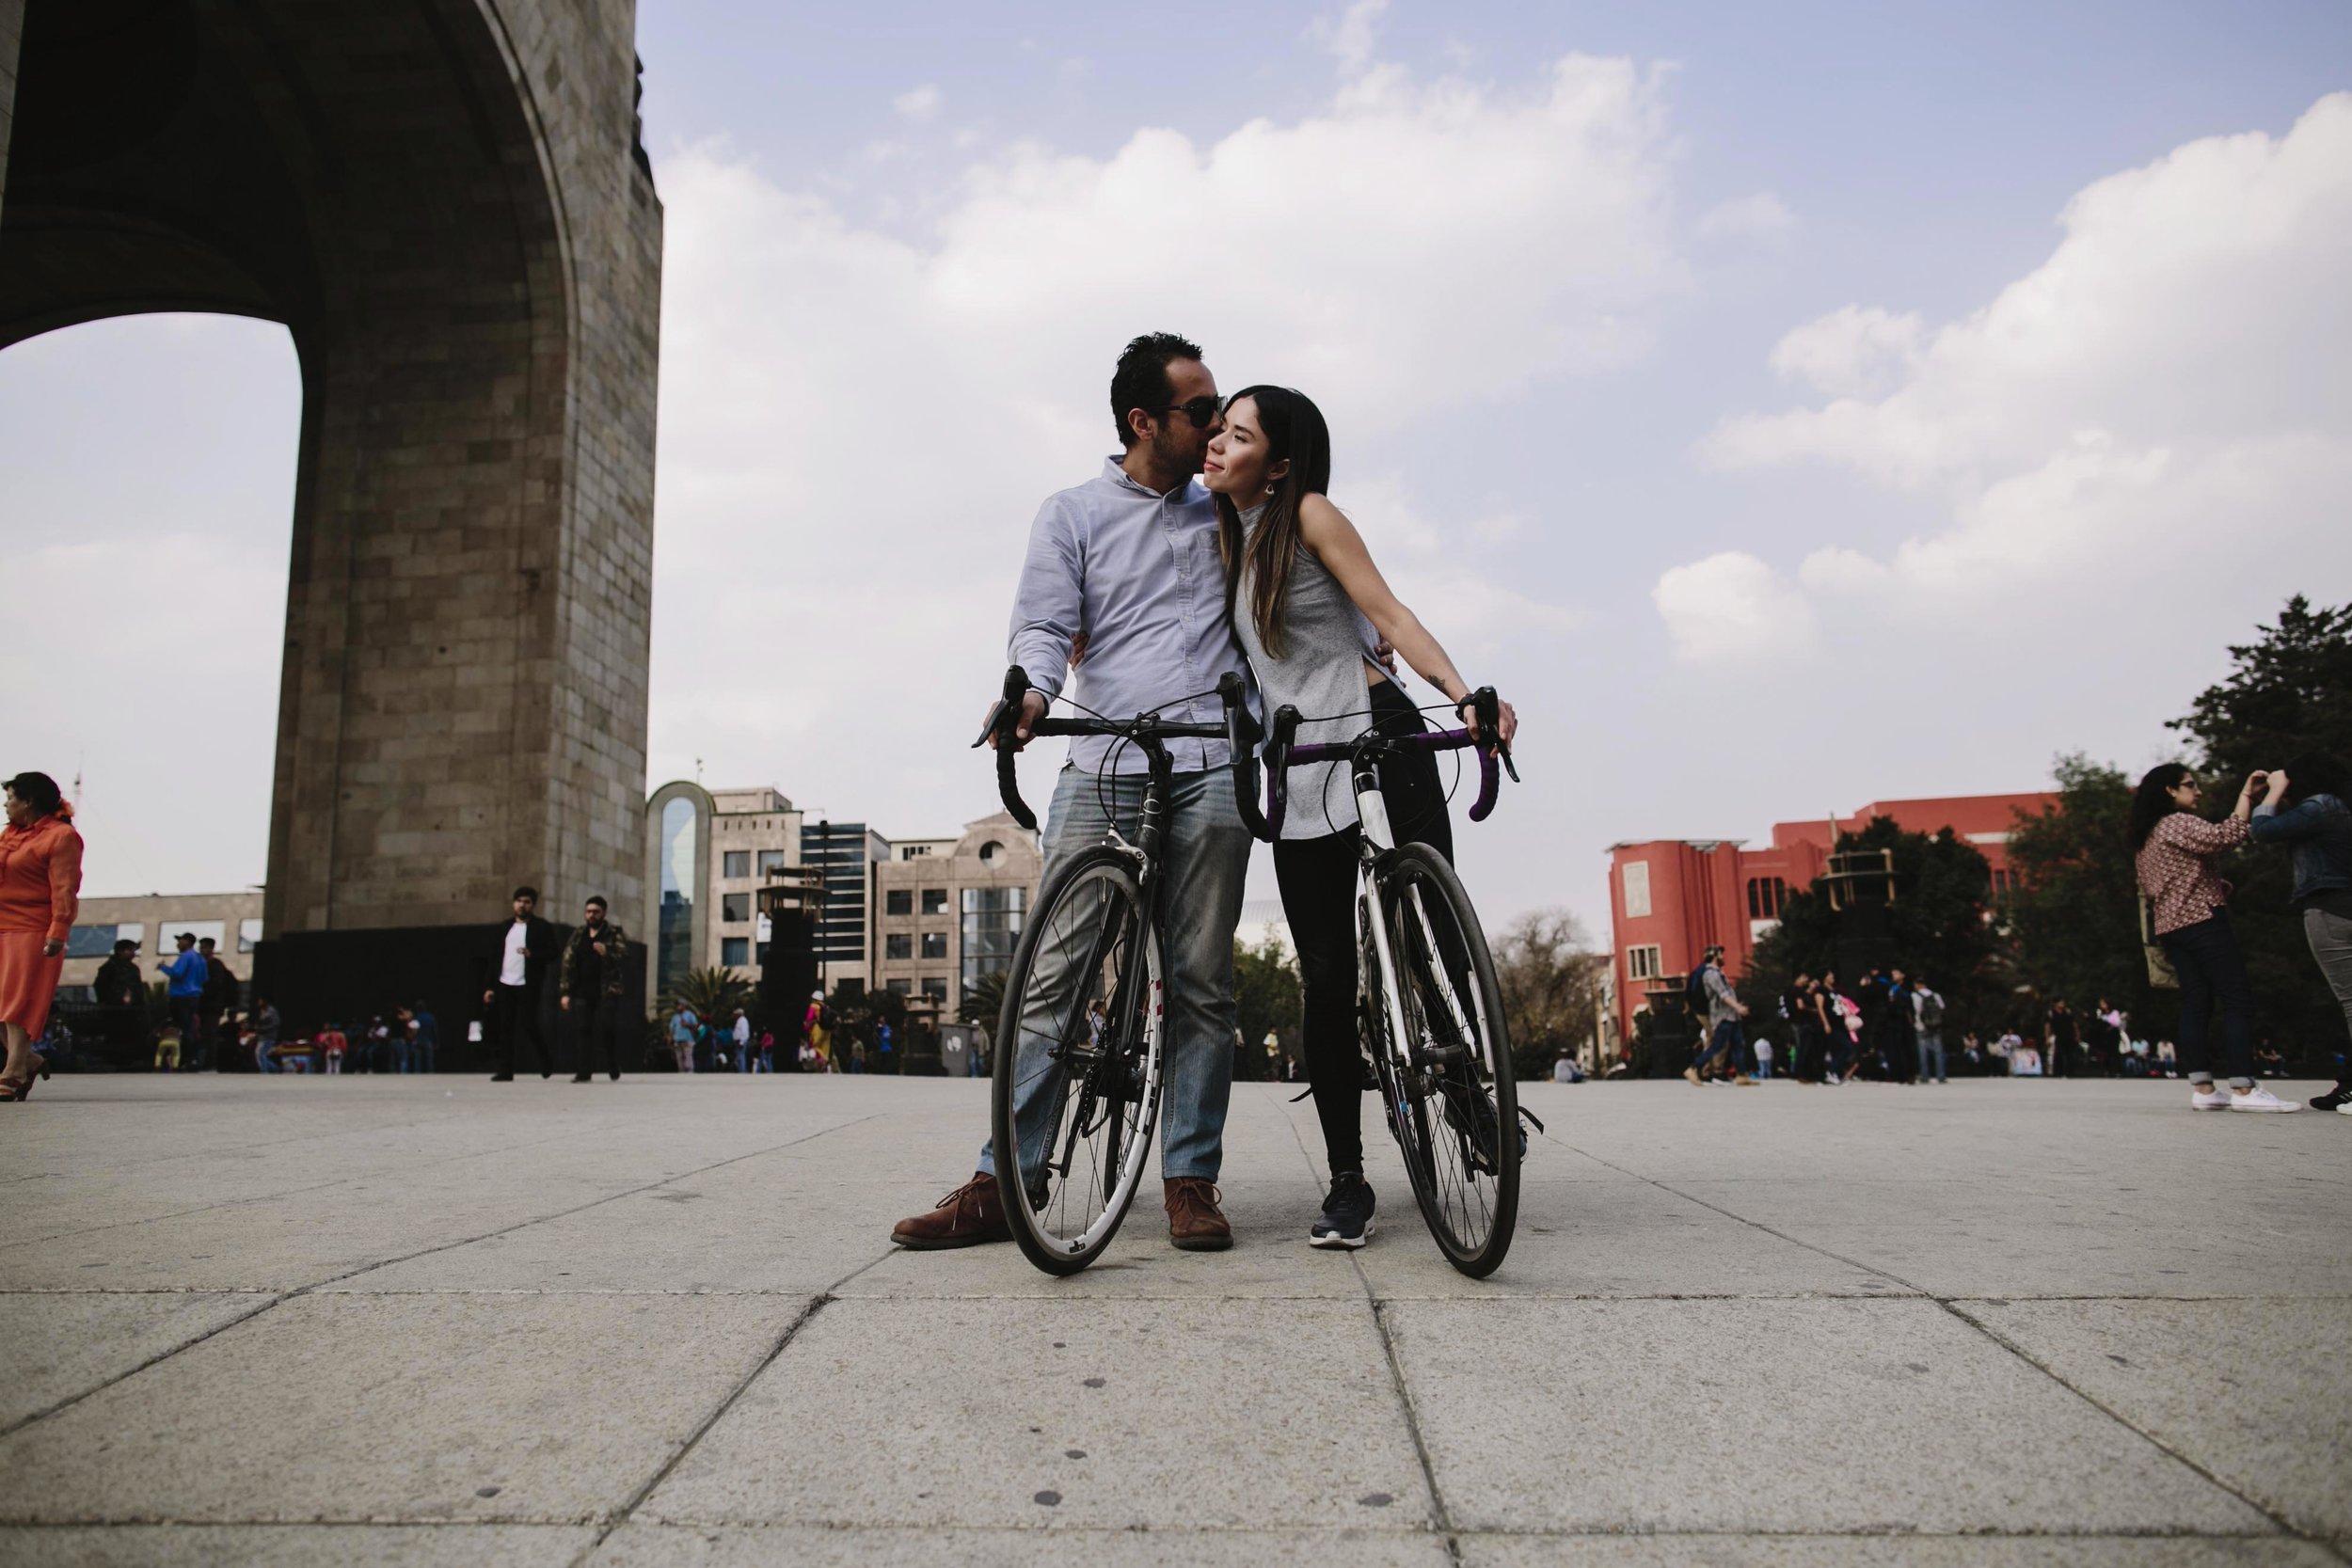 alfonso_flores_destination_wedding_photography_ciudad_de_mexico8.jpg